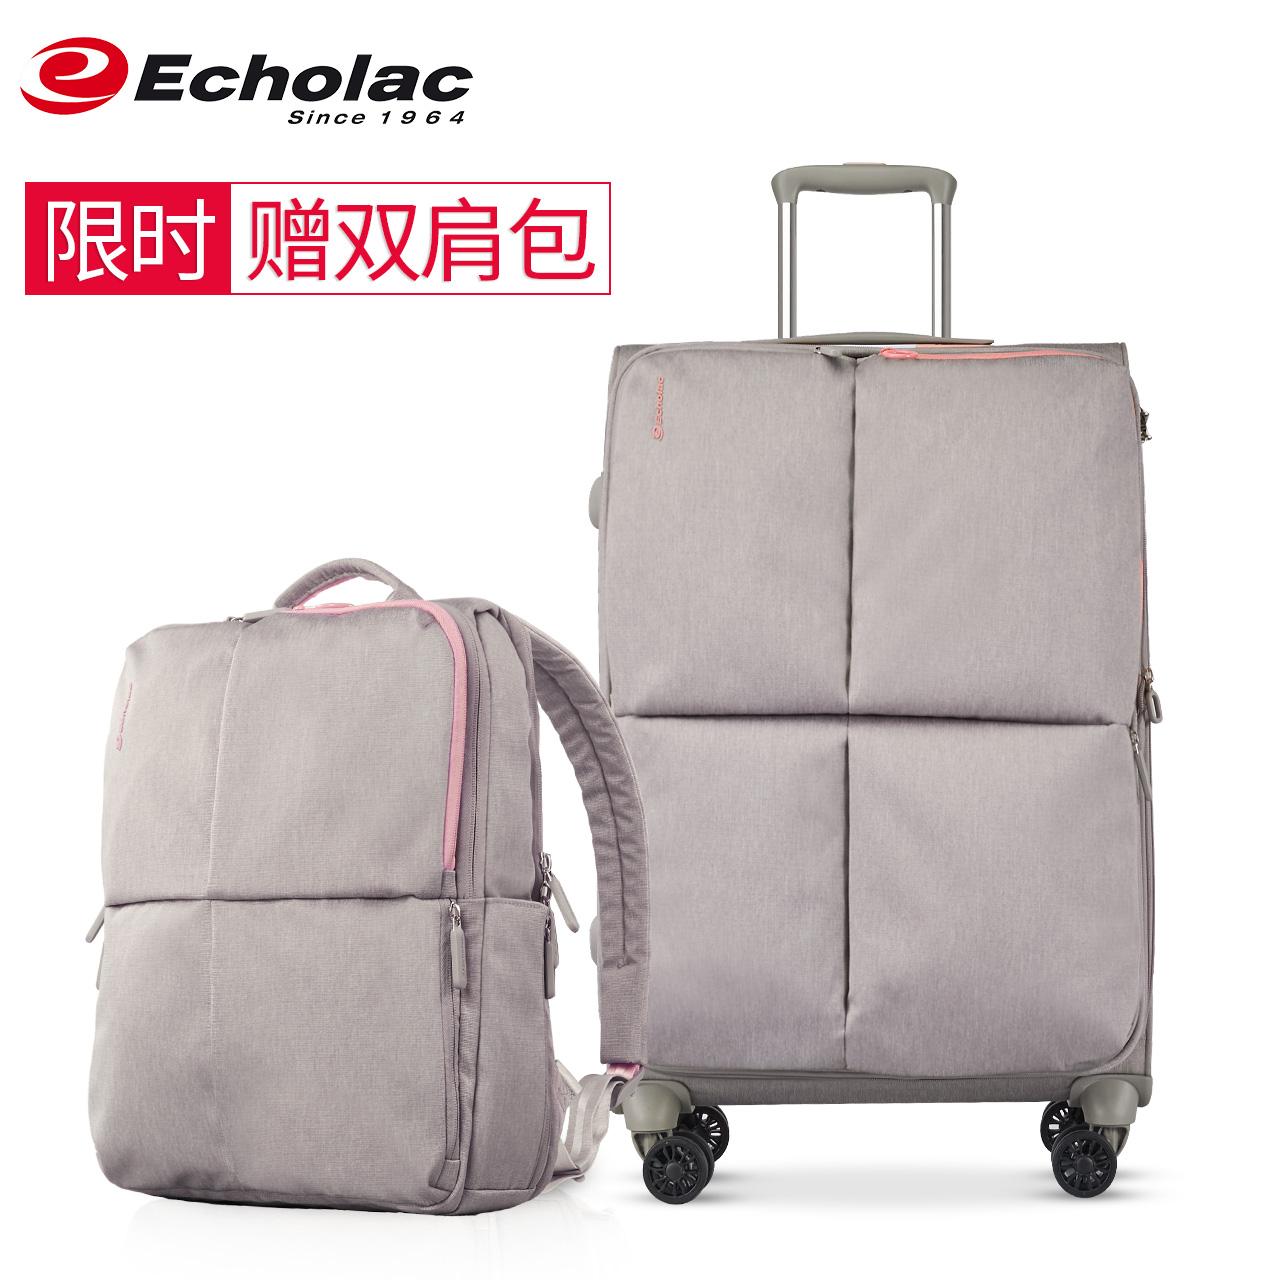 Echolac爱可乐软箱布行李箱20-24寸拉杆箱万向轮男女密码箱登机箱